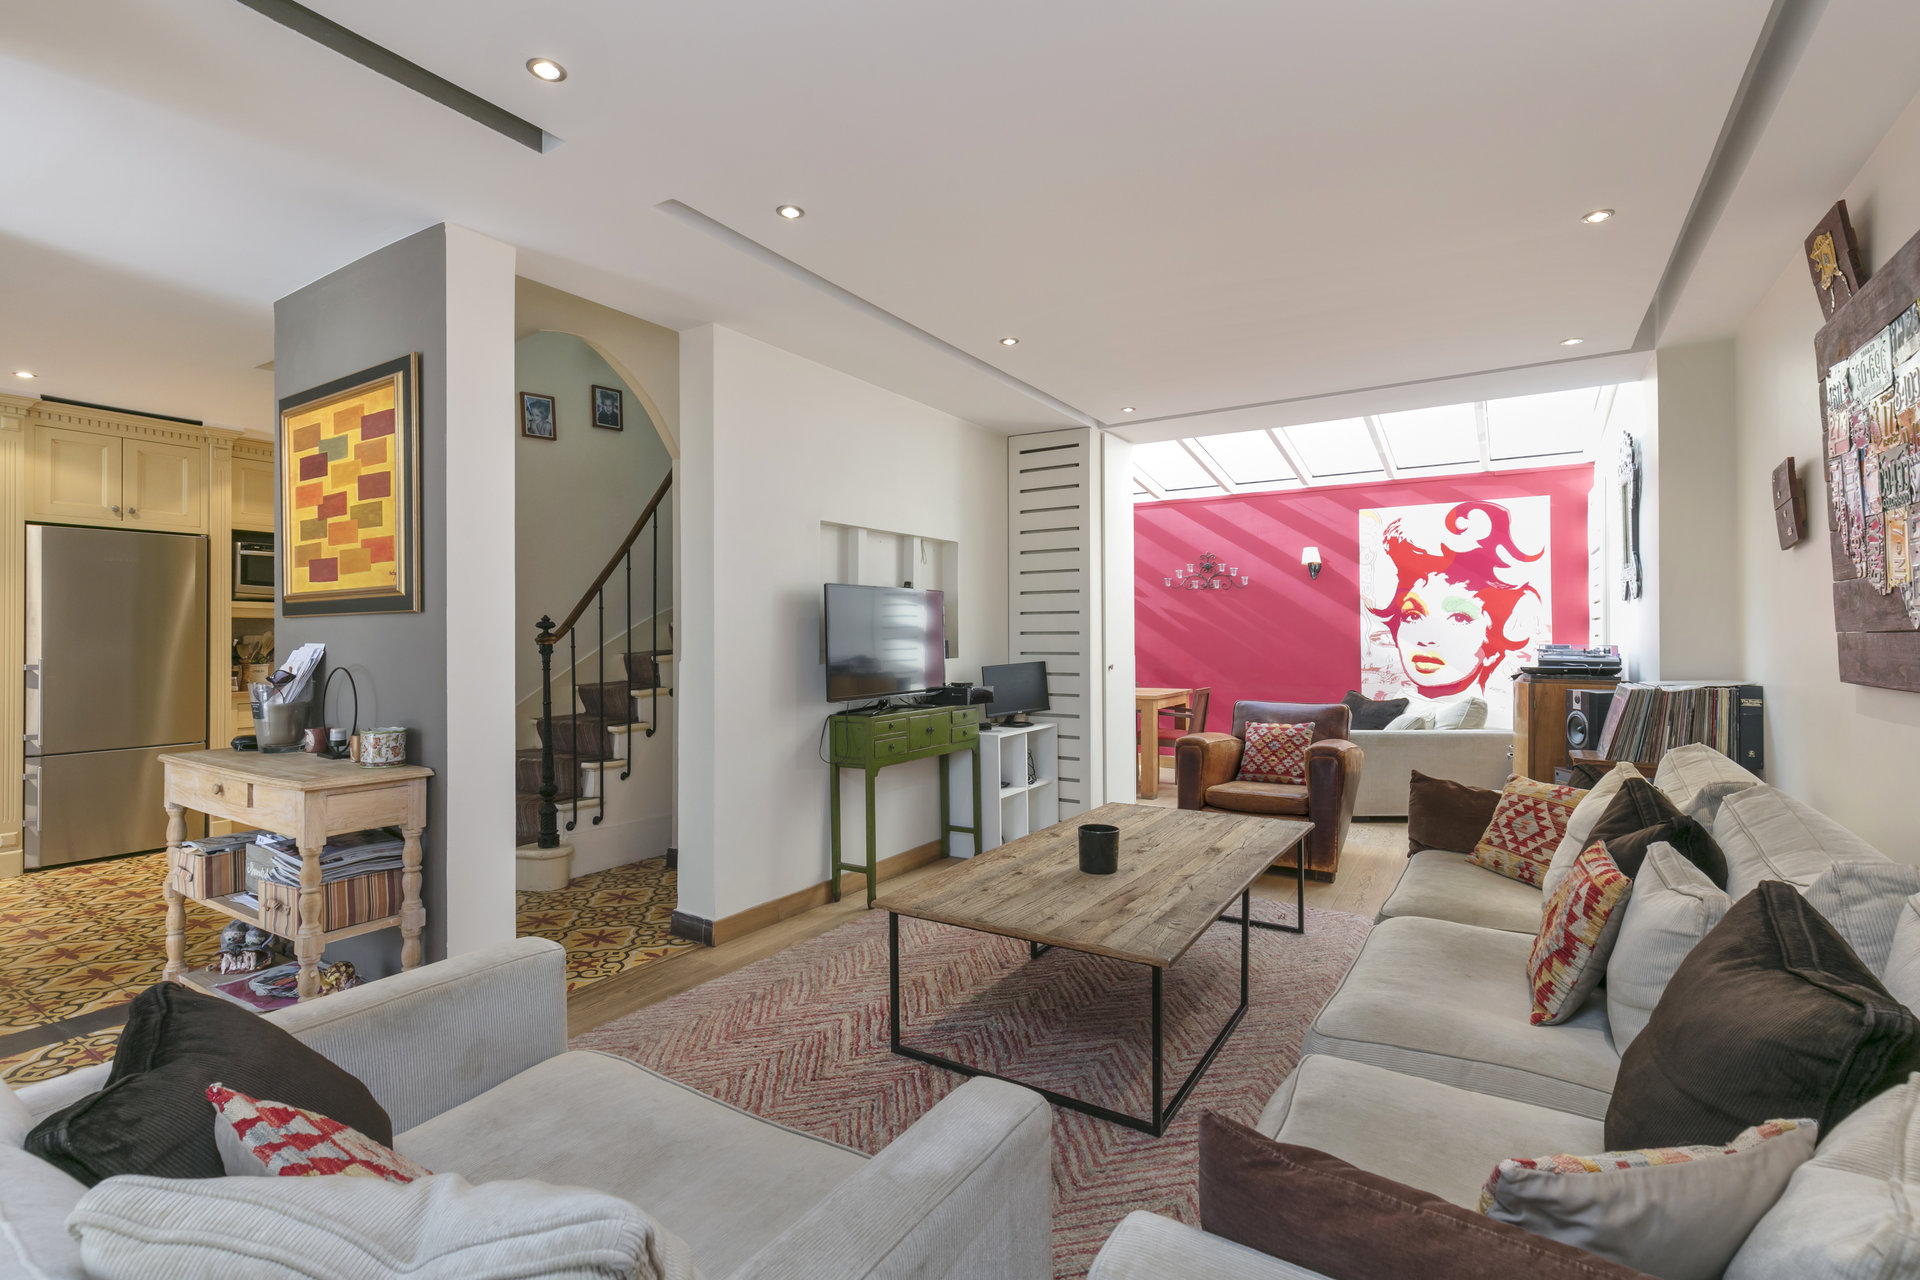 maison-maitre-a-vendre-puteaux-cour-terrasse-rue-calme-buanderie-veranda